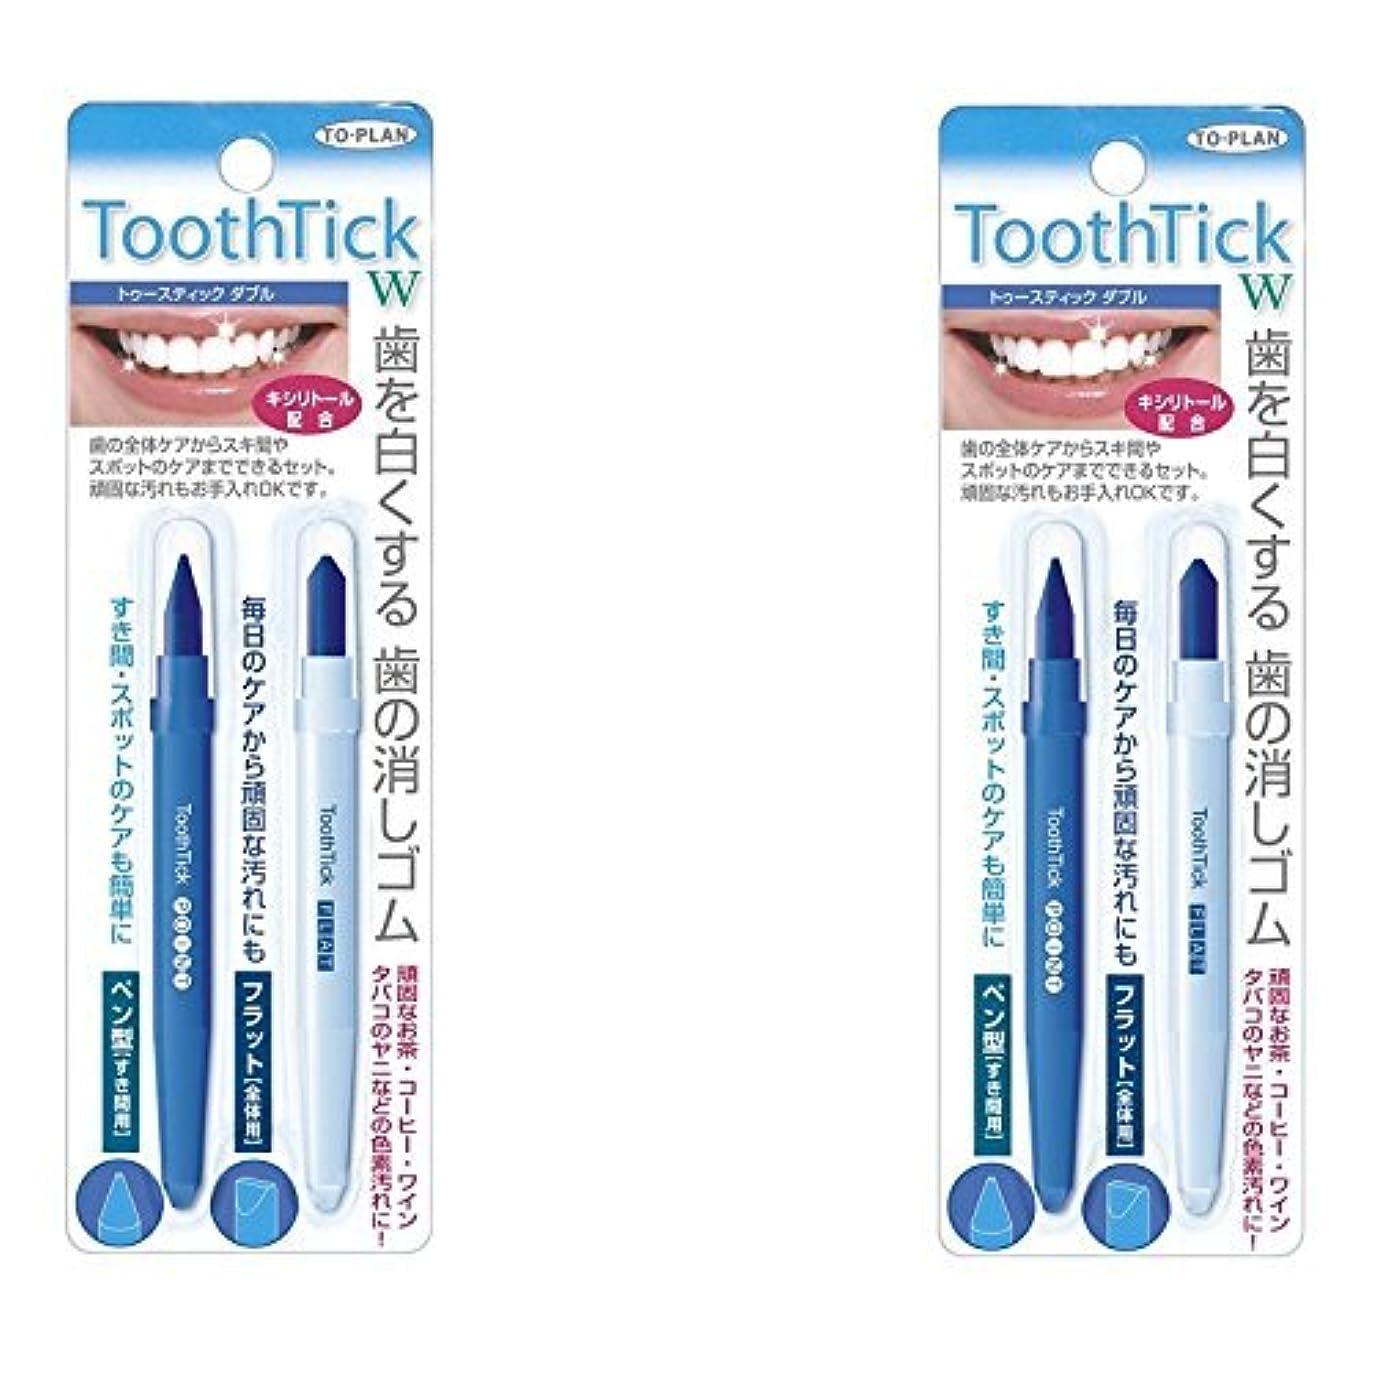 桃ロータリー添付【まとめ買い】歯の消しゴム トゥースティック ダブル【×2個】